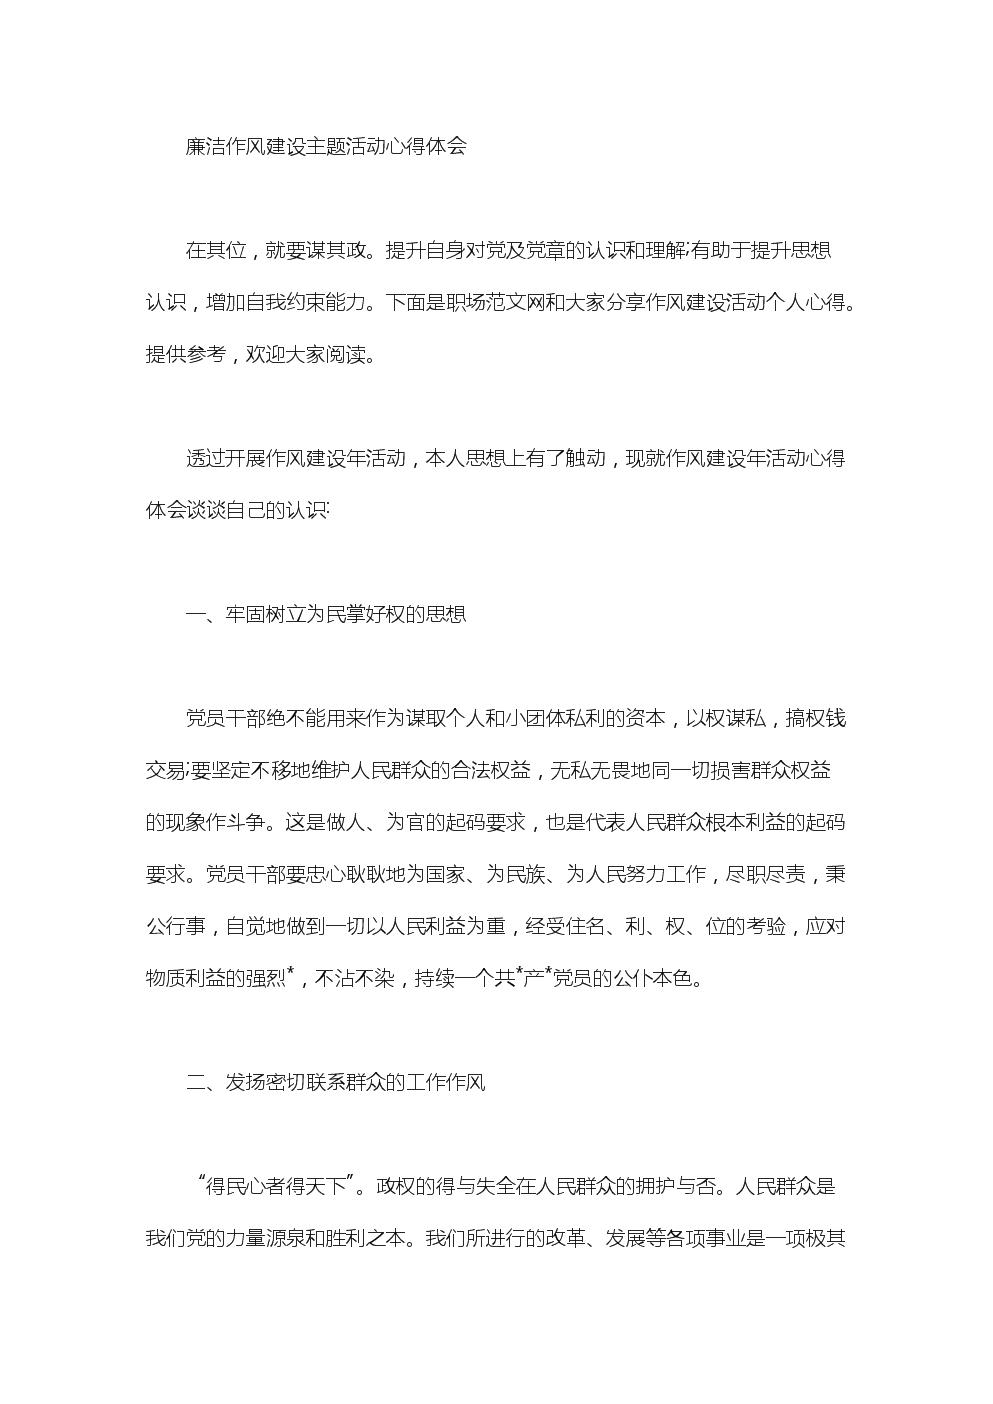 廉洁作风建设主题活动心得体会.doc